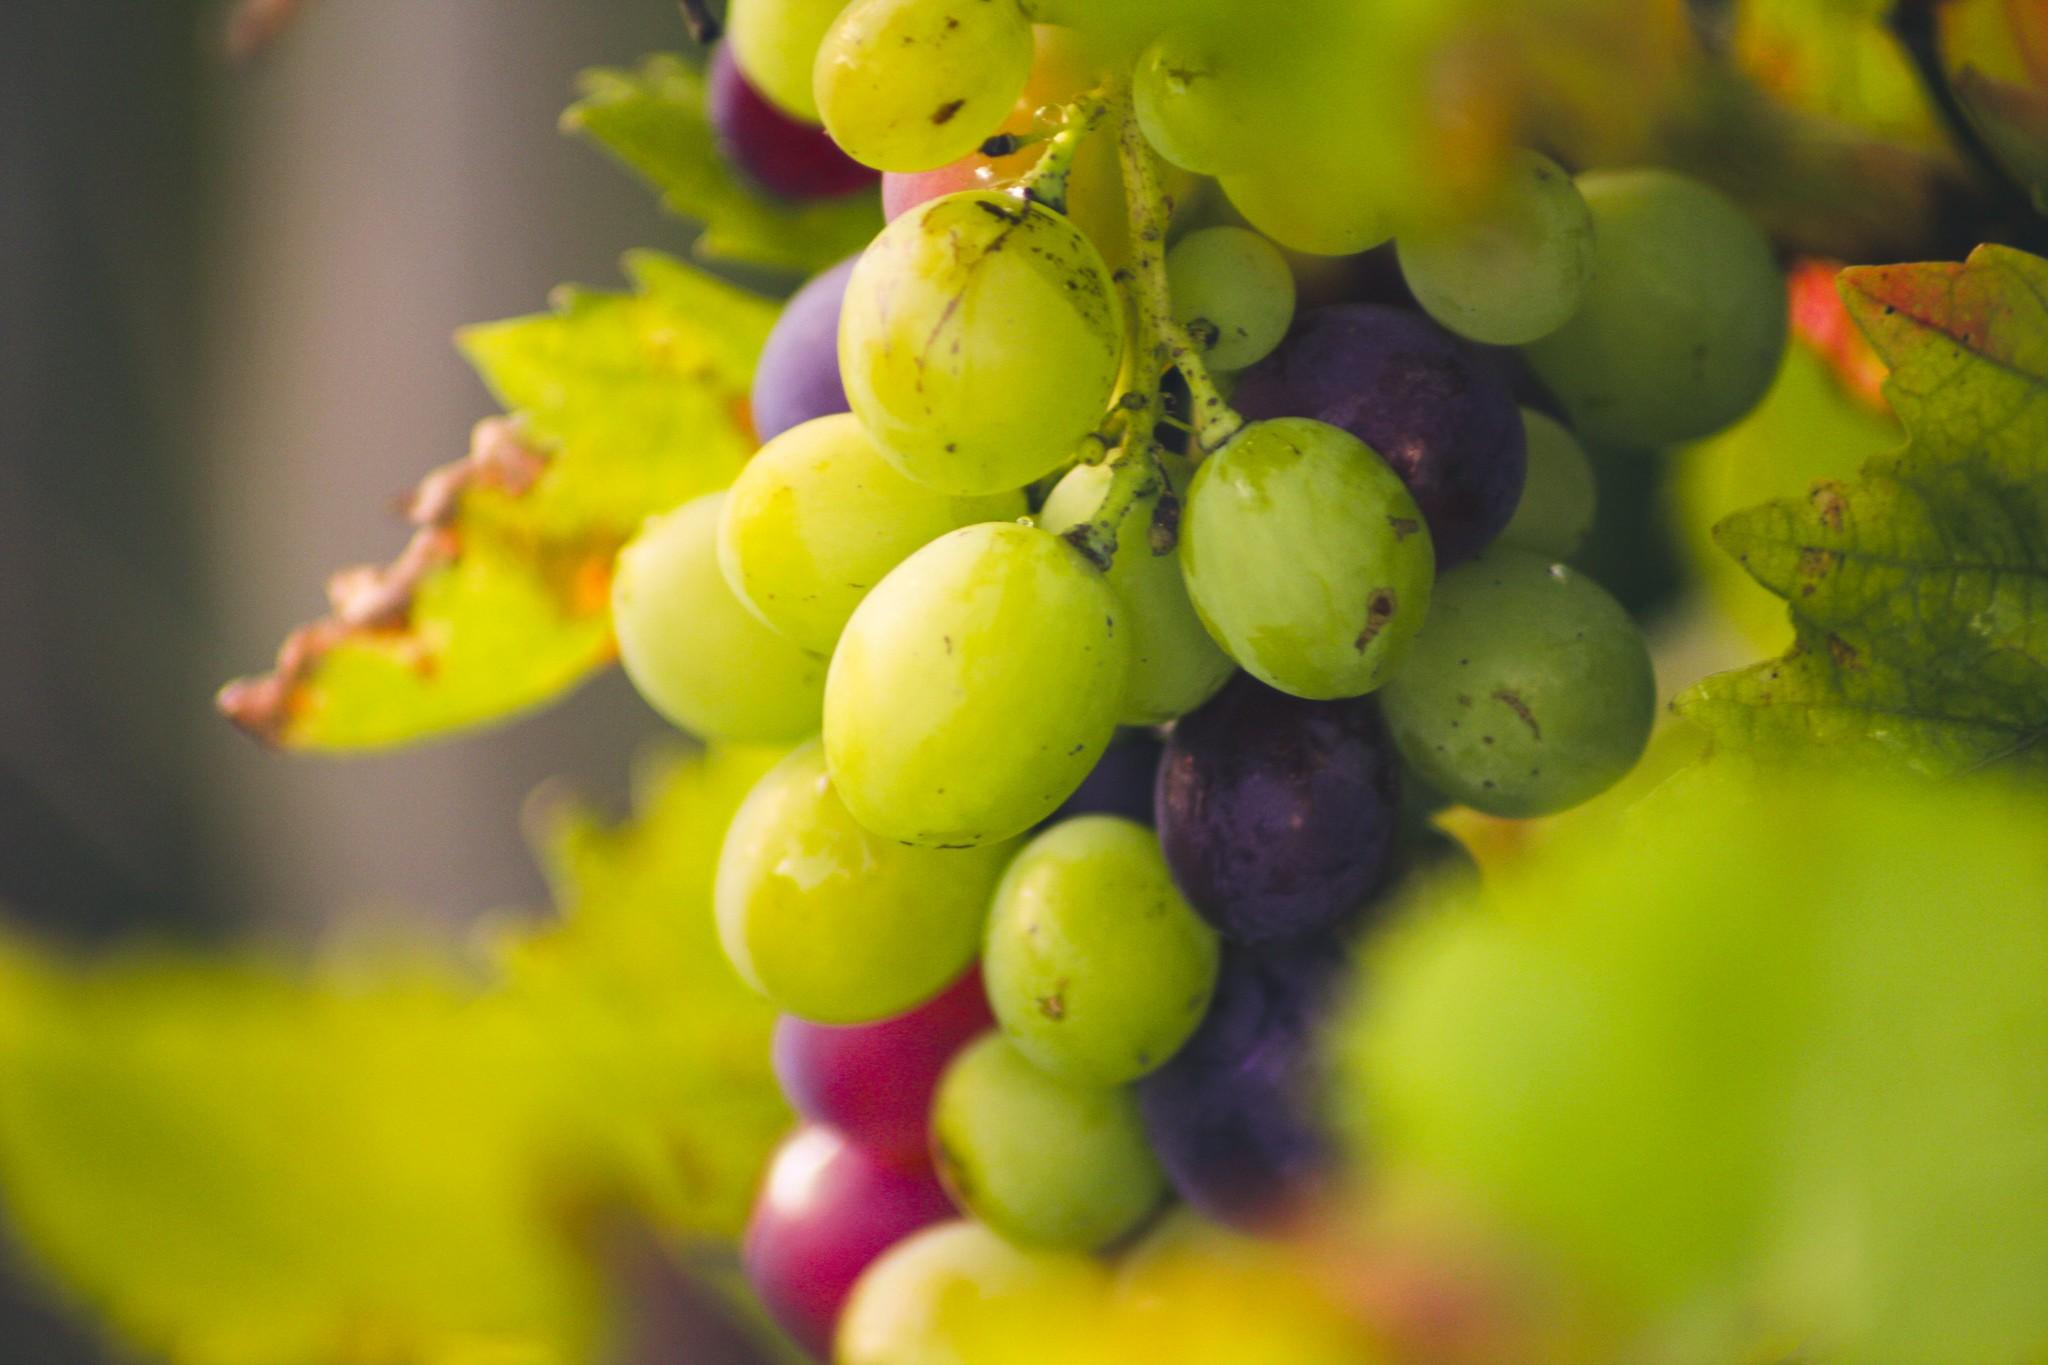 Vine Bokeh | 17. September 2019 | Tarbek - Schleswig-Holstein - Deutschland